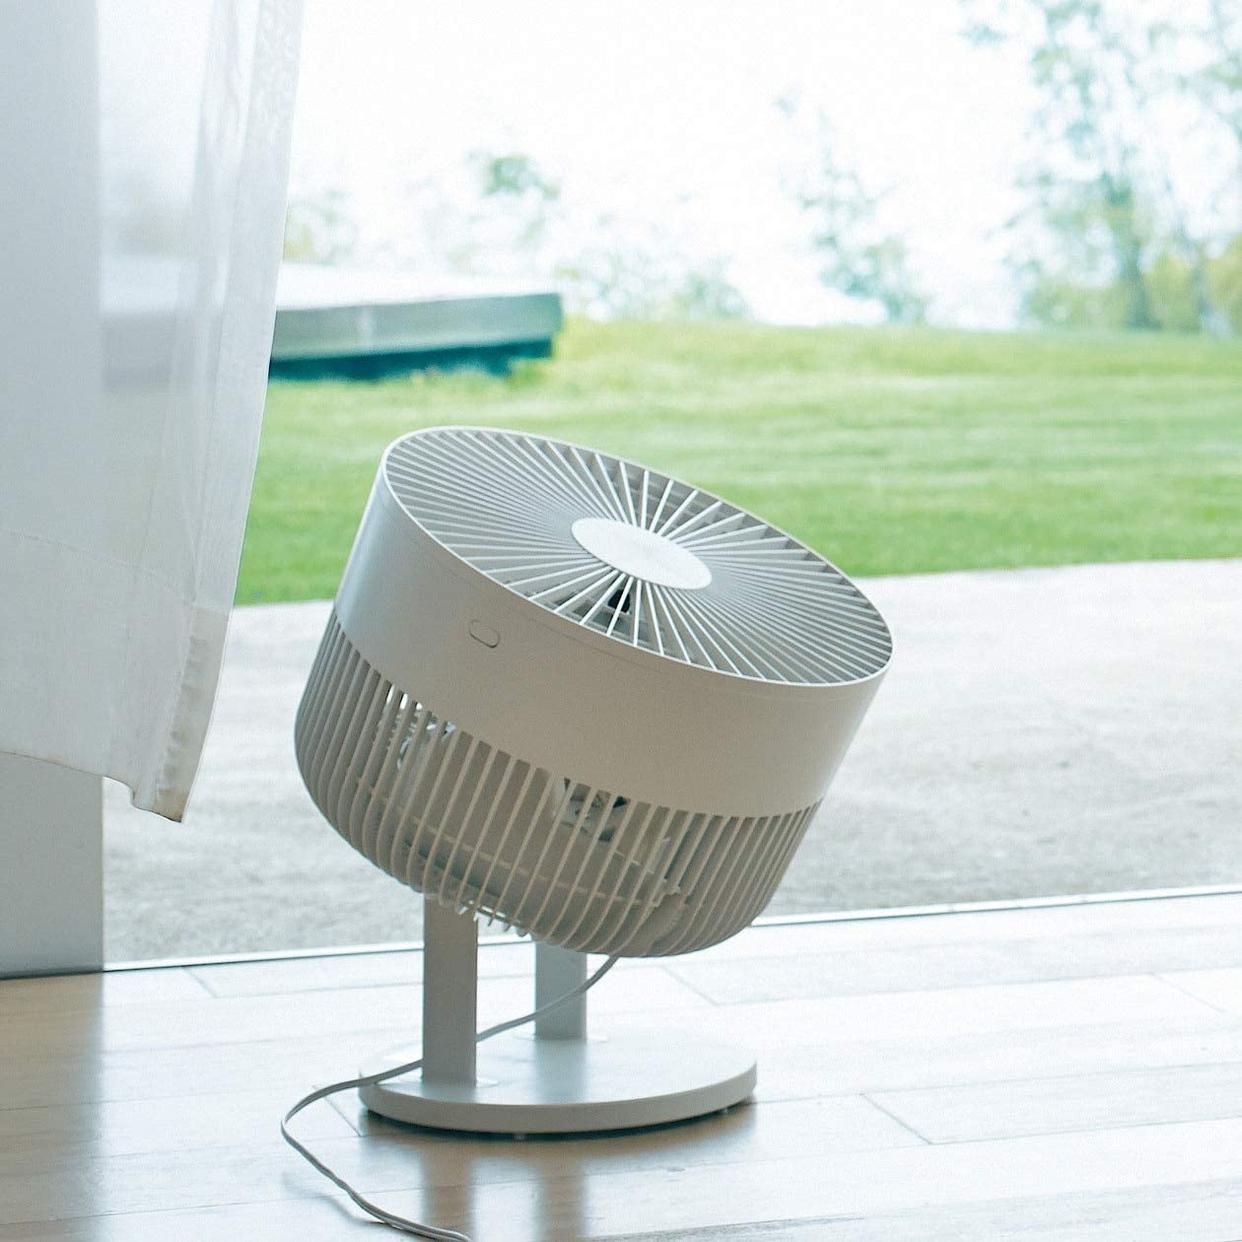 無印良品(MUJI) サーキュレーター(低騒音ファン・大風量タイプ) AT-CF26R-Wの商品画像17